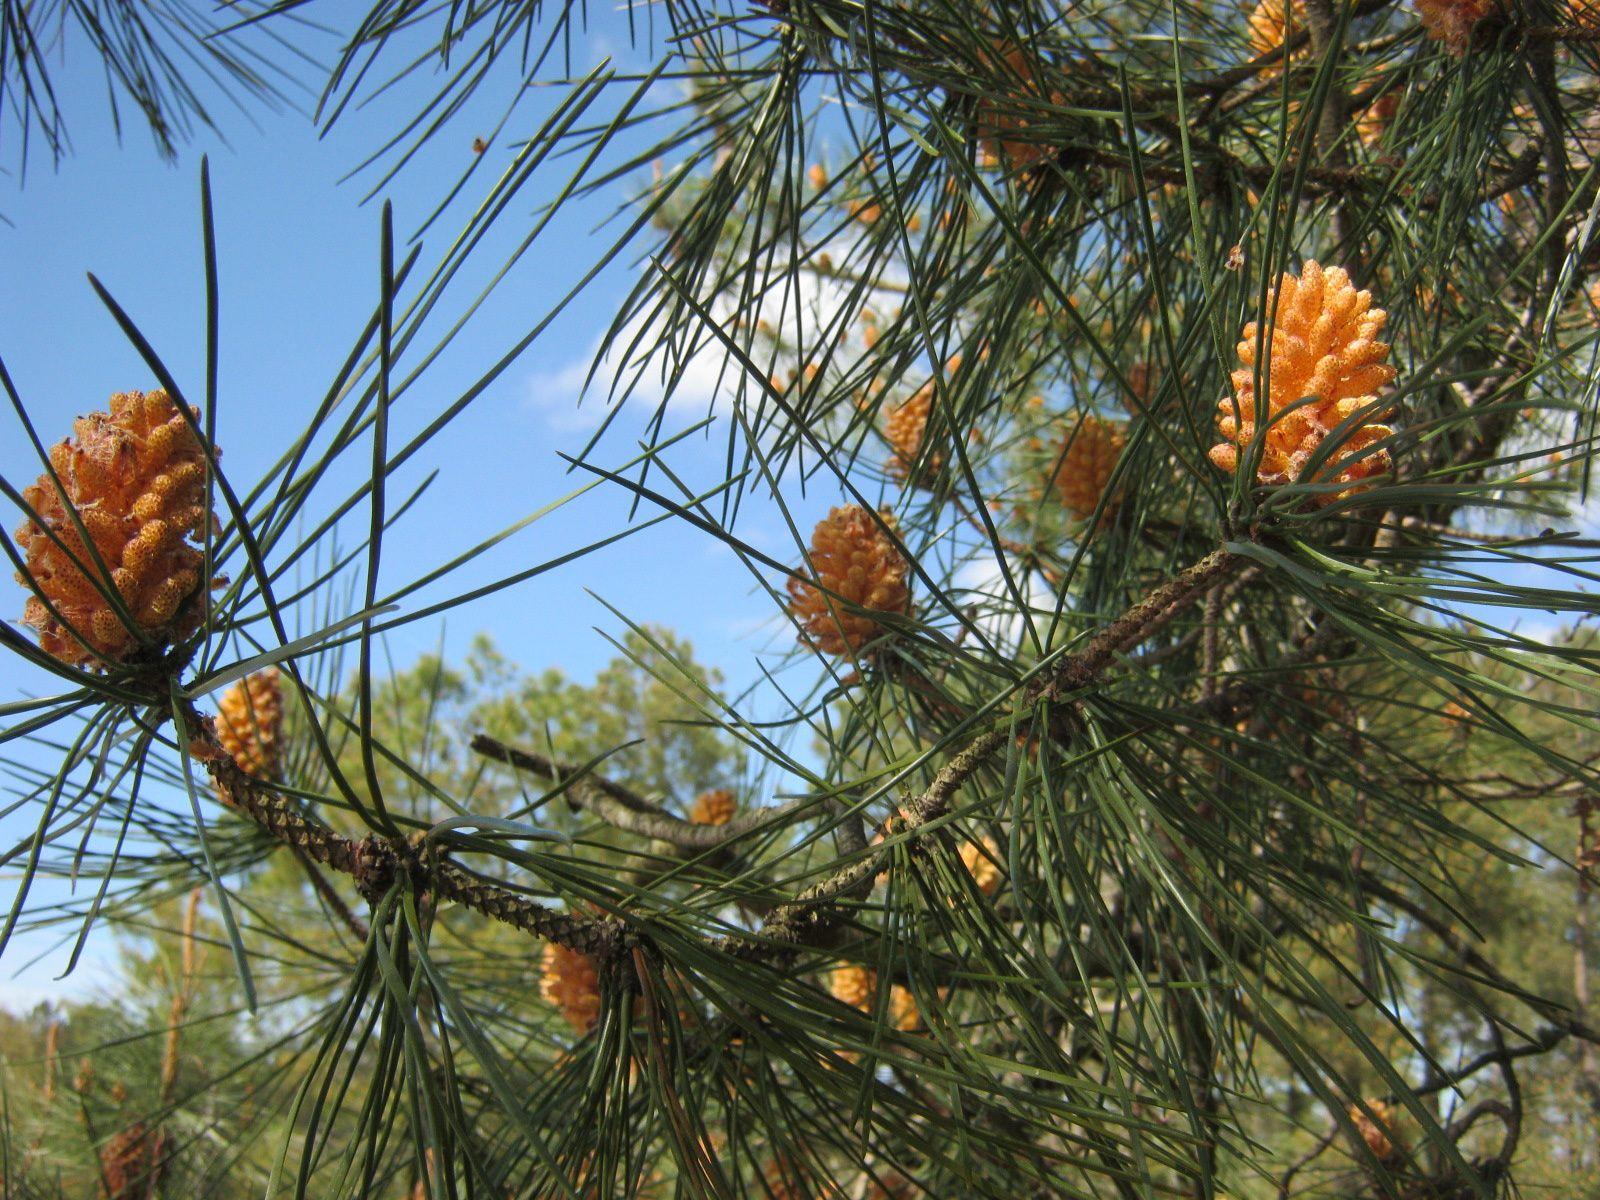 l'origine du pollen jaune, les fleurs du pin